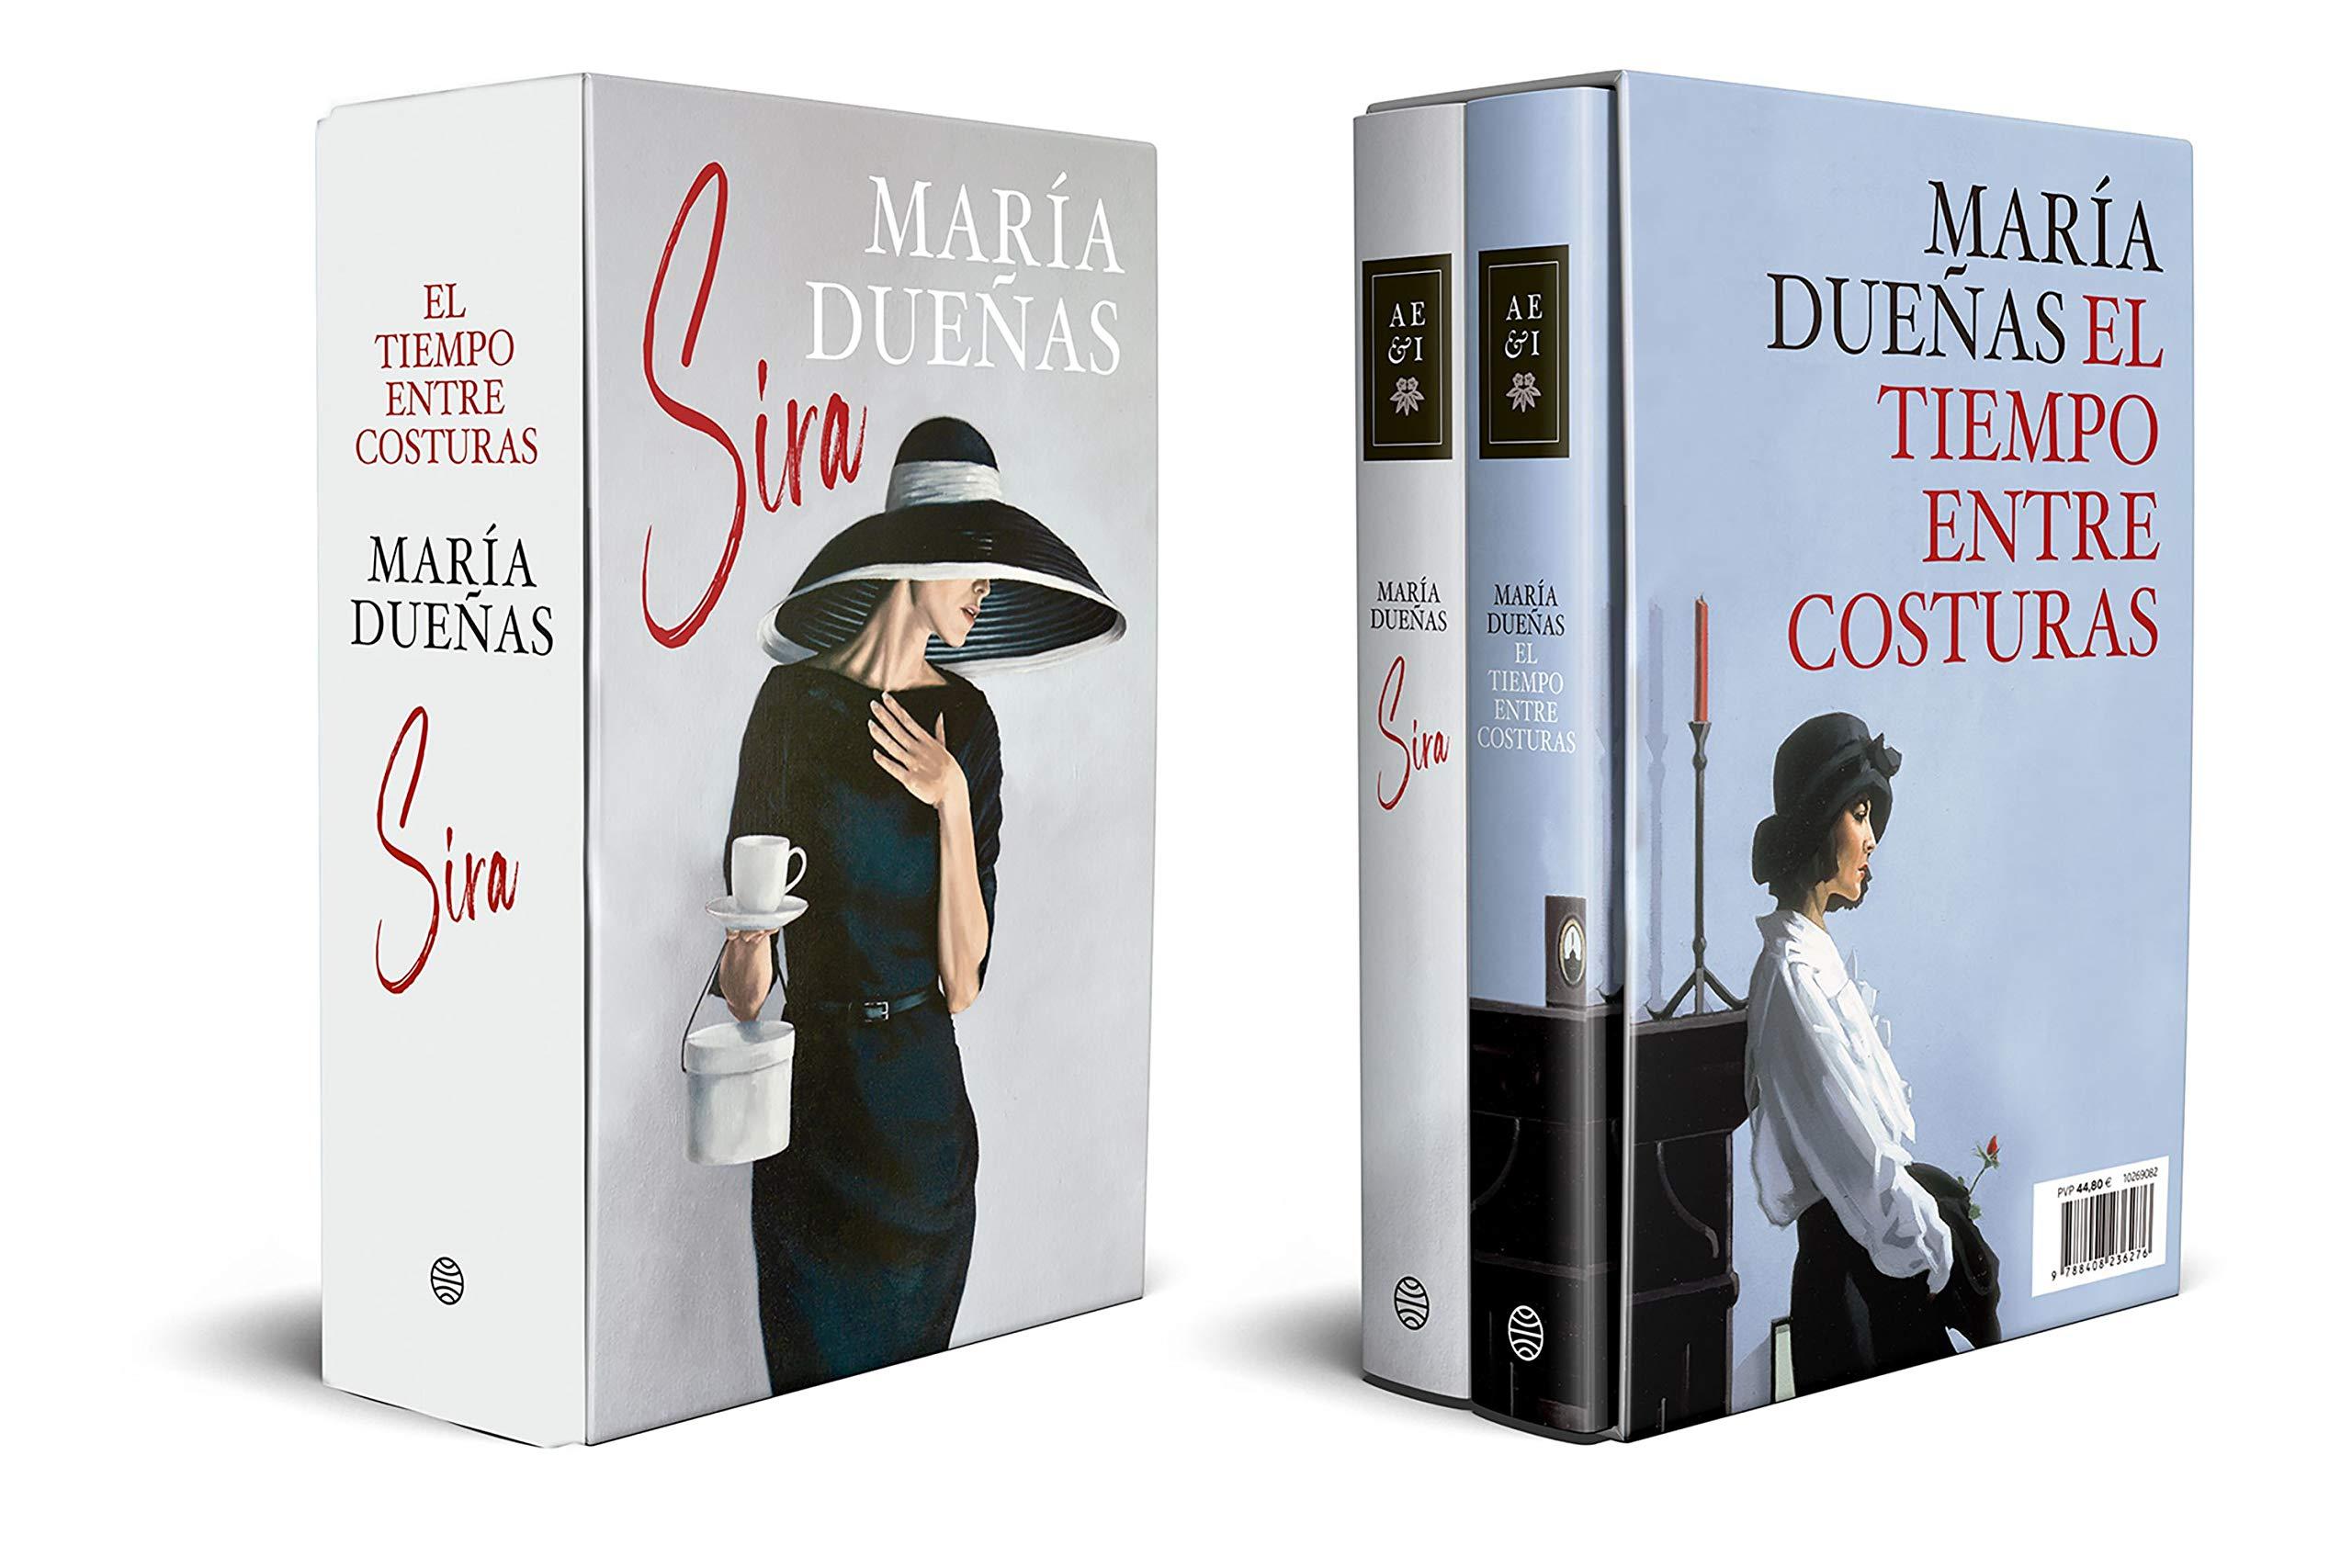 Estuche El Tiempo Entre Costuras Y Sira Autores Españoles E Iberoamericanos Dueñas María Amazon Es Libros